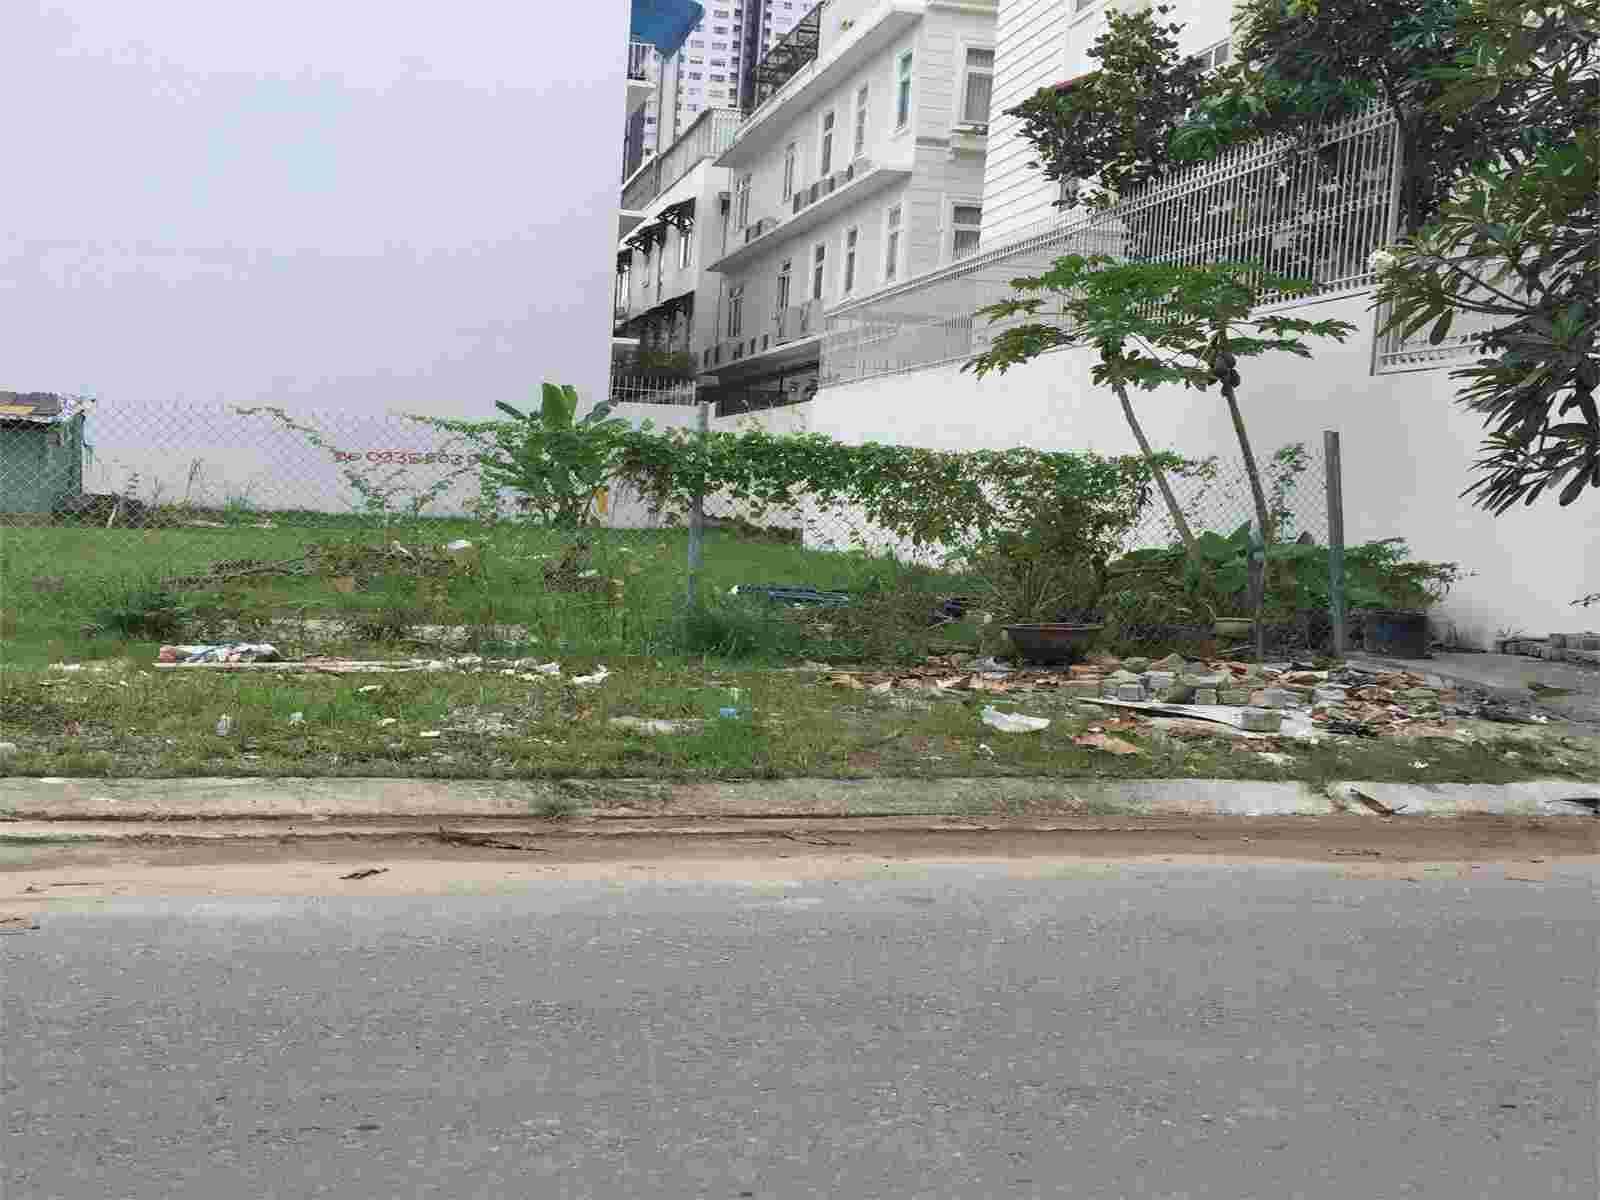 Bán đất biệt thự Him Lam Kênh Tẻ quận 7 giá 140 triệu/m2, cách hồ Sinh Thái khoảng 40m, diện tích 200m2. LH: 0913.050.053